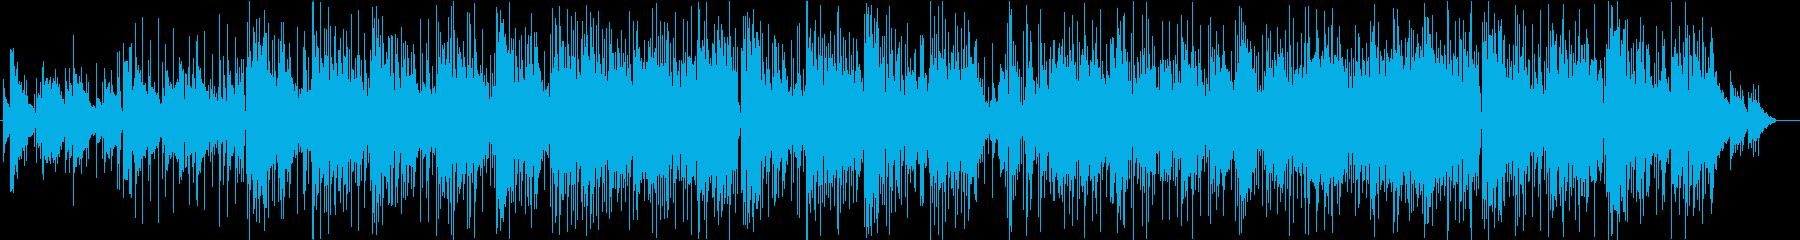 切ない雰囲気のガットギターフュージョンの再生済みの波形